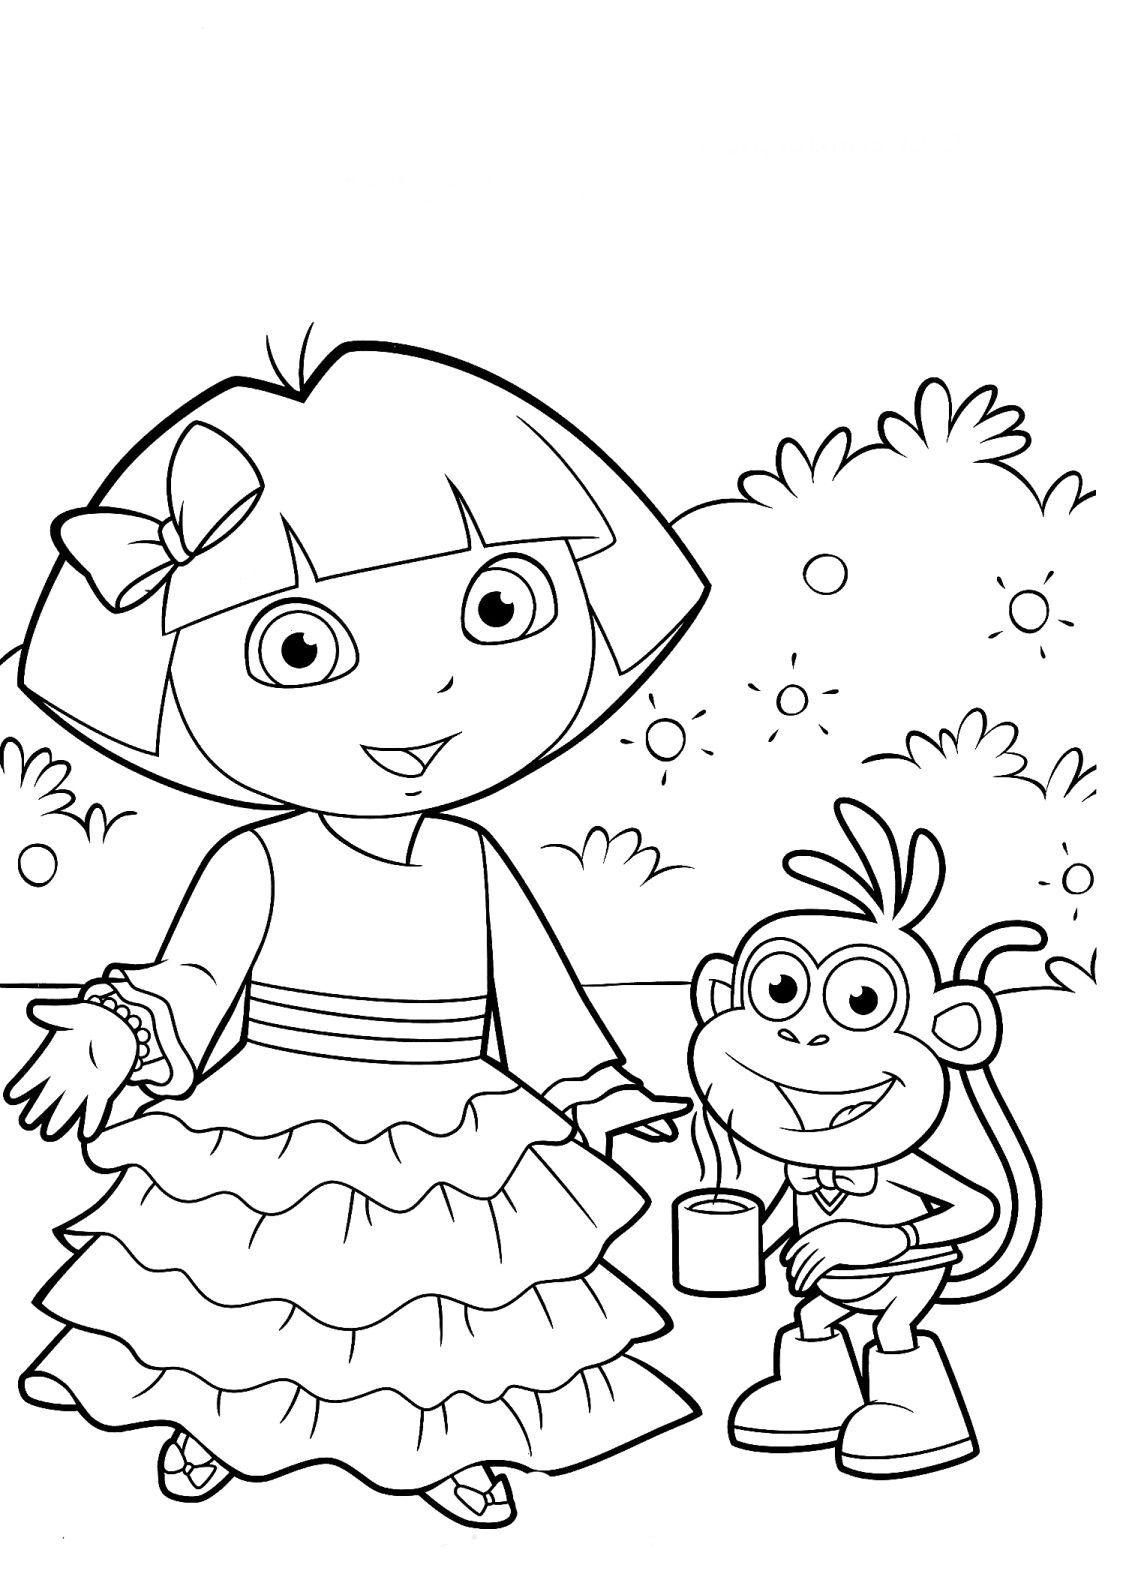 Desenhos Para Colorir Da Dora Aventureira Com Imagens Dora